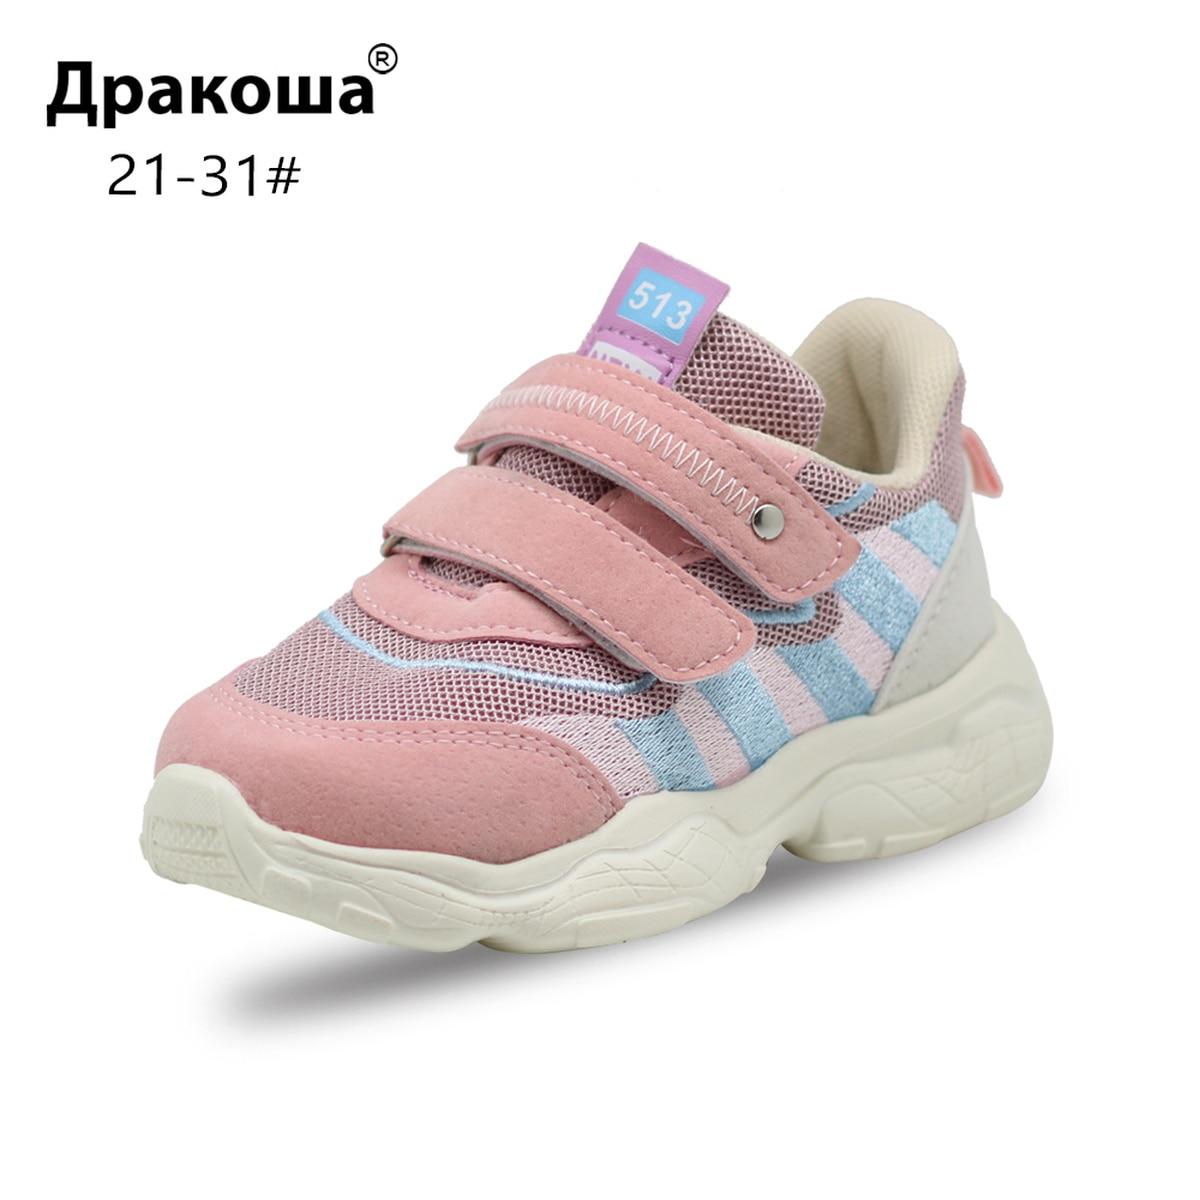 Apakowa Sneakers High Elasticity Unisex Spring Running Shoes Toddler Double Hook&Loop Sprot Sneakers For School Kids Footwear